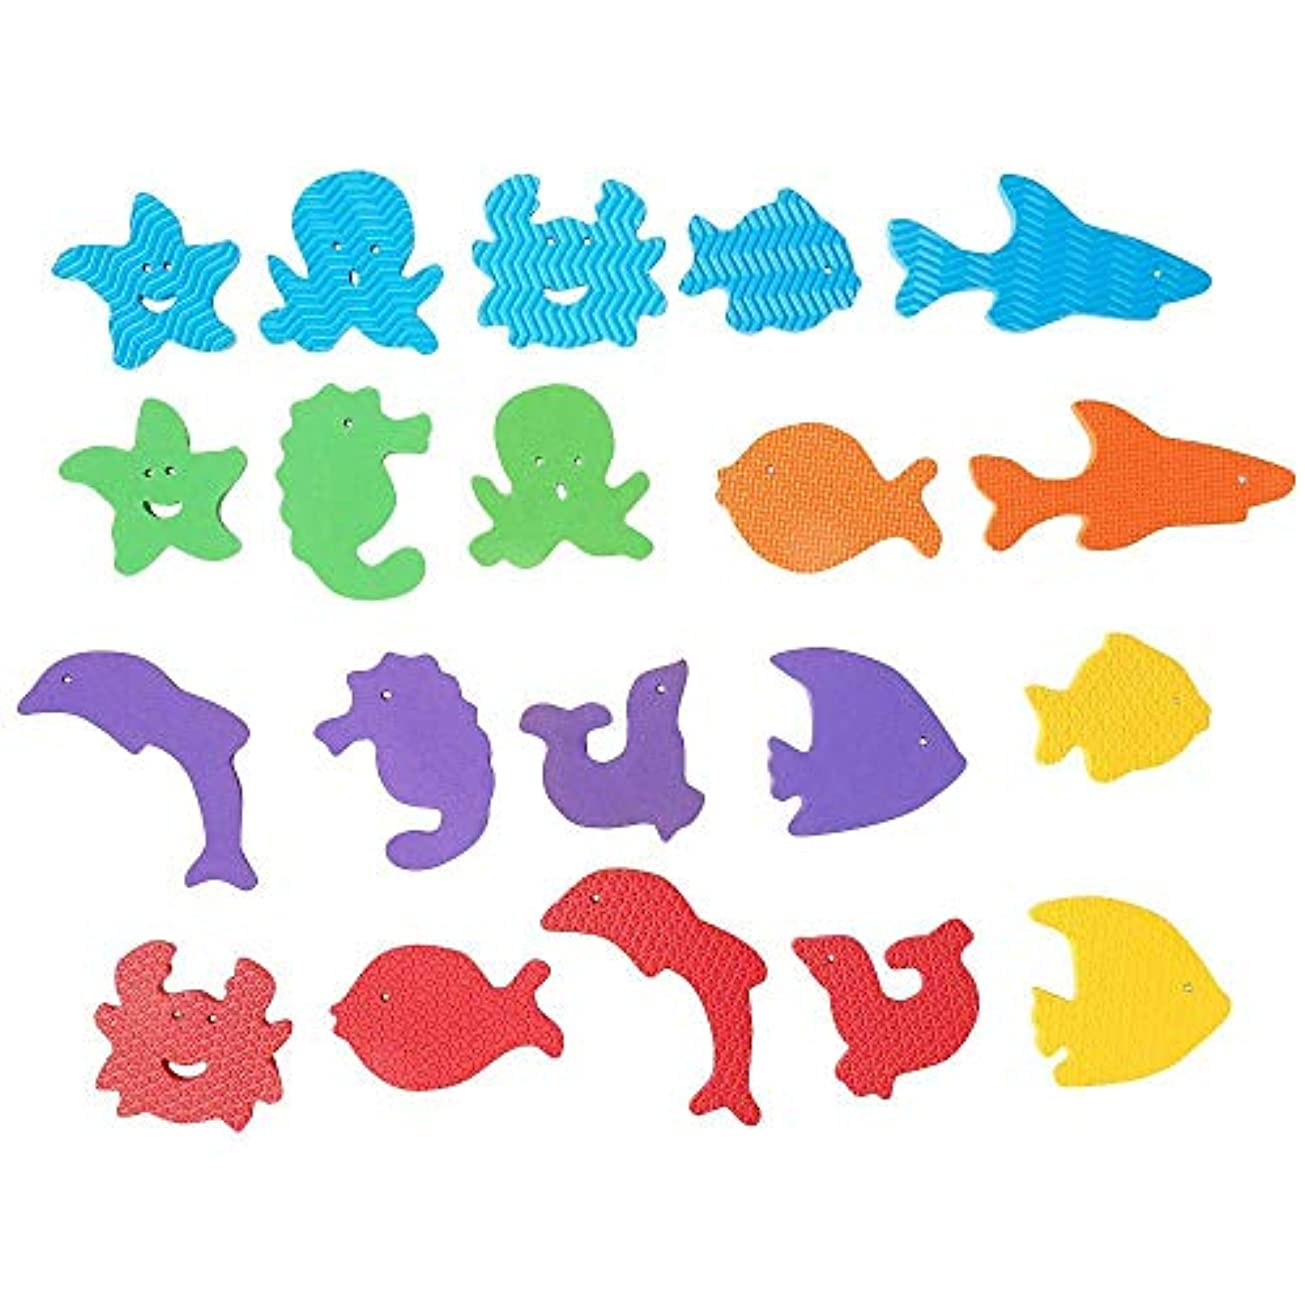 受賞連隊動かないBabies R Us Foam Sea Animal Bath Set - 20 Pieces by Babies R Us [並行輸入品]